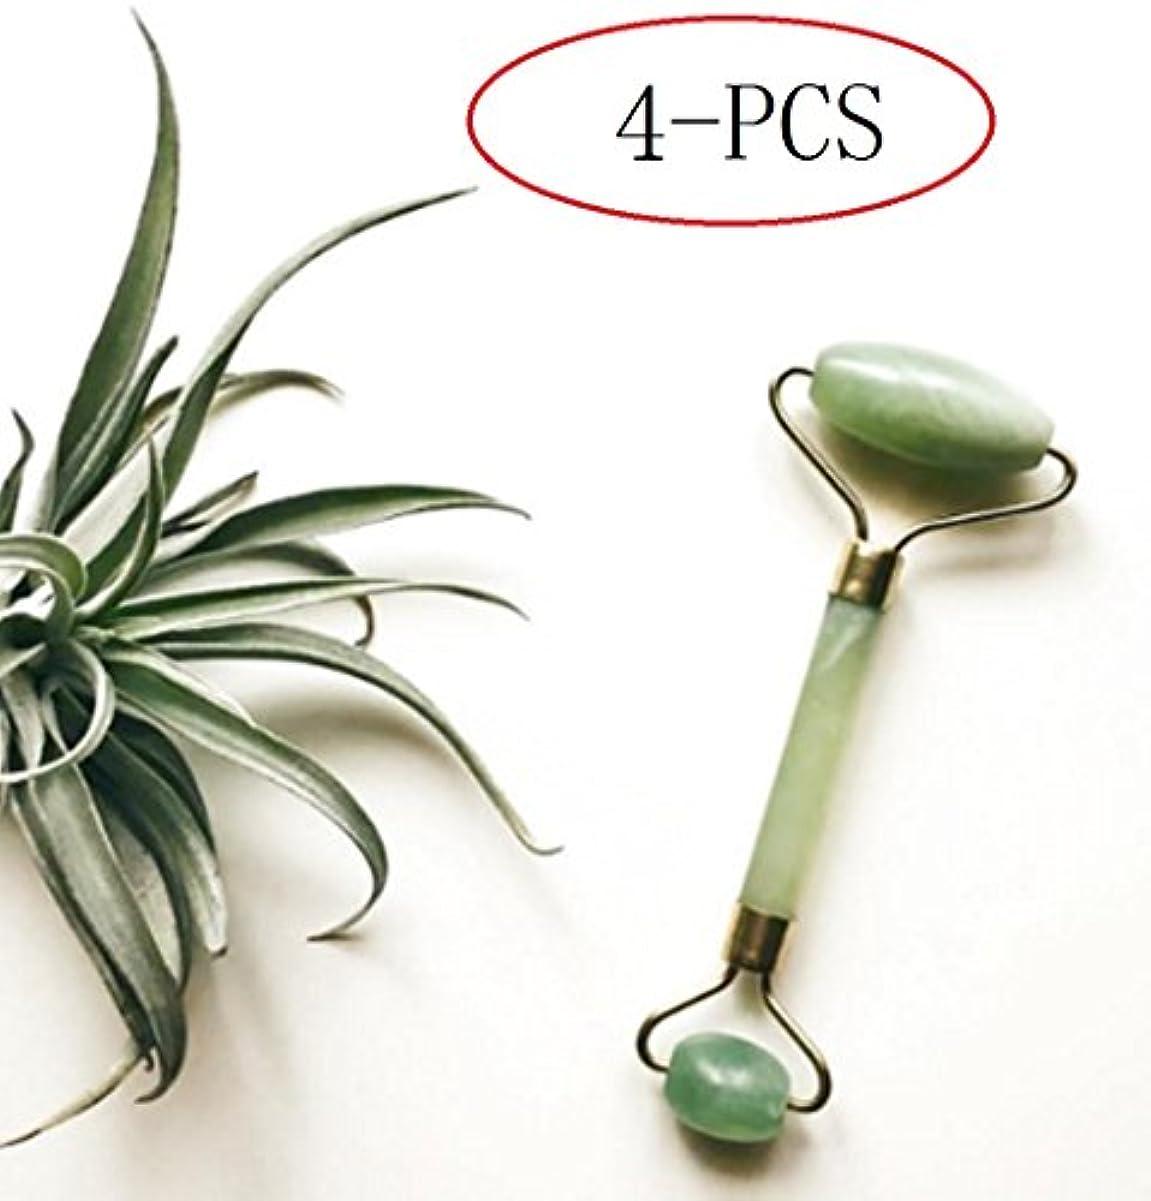 発揮するアクセシブル劇的Echo & Kern 4点翡翠フェイスマッサジローラー 4pcs Double head Jade Stone Derma Roller